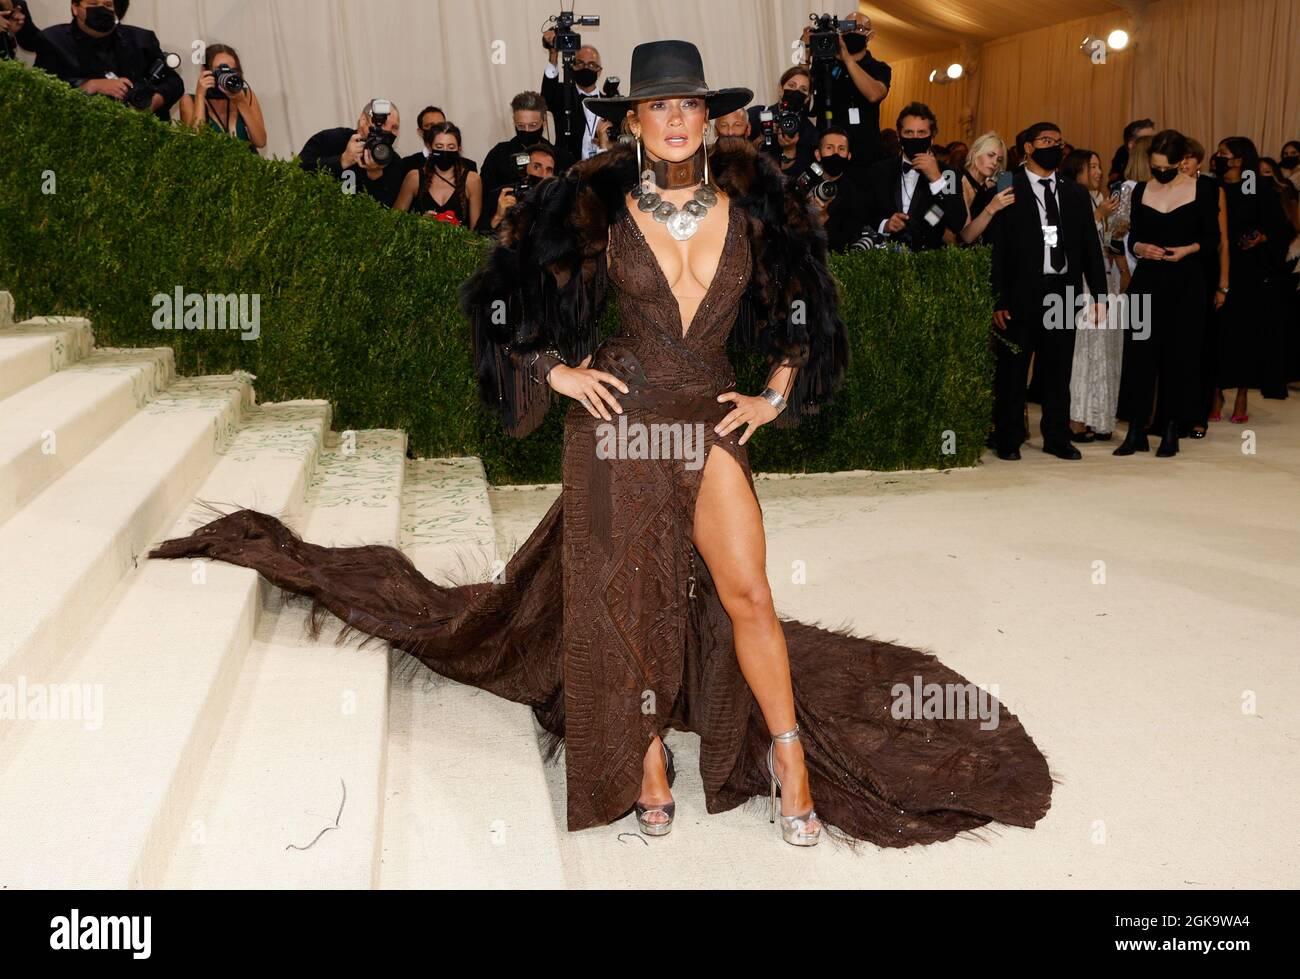 New York, Stati Uniti. 13 settembre 2021. Jennifer Lopez arriva per il Met Gala al Metropolitan Museum of Art celebrando l'apertura di in America: Un Lessico di Moda a New York City lunedì 13 settembre 2021. Foto di John Angelillo/UPI Credit: UPI/Alamy Live News Foto Stock